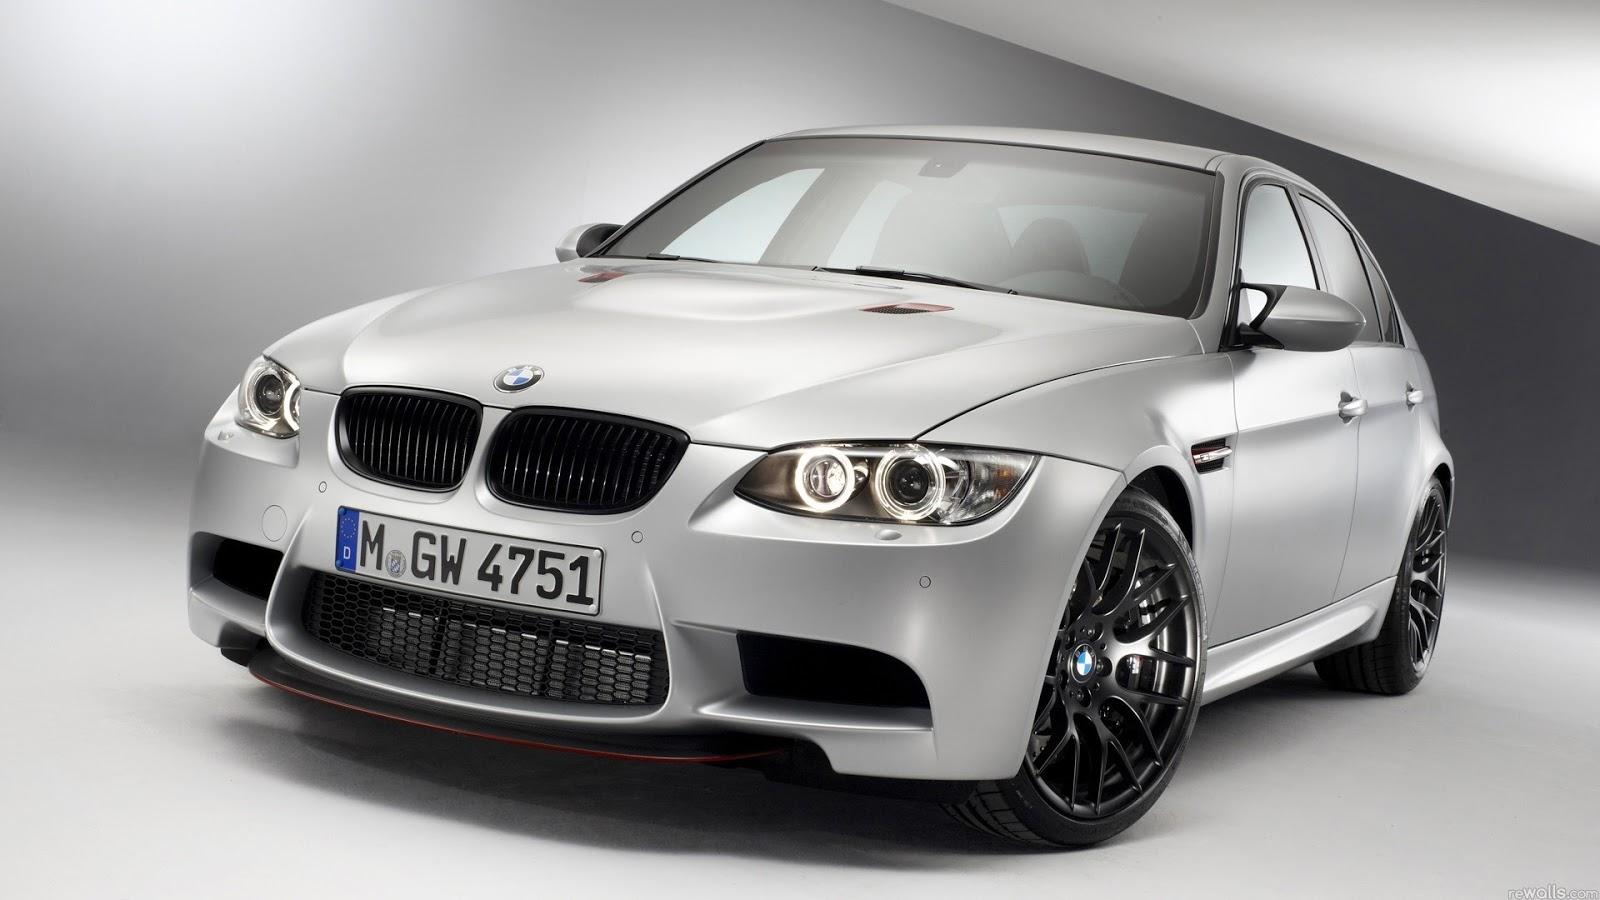 Silver BMW M3 1080p Hd Wallpaper For Desktop - 9to5 Car ...